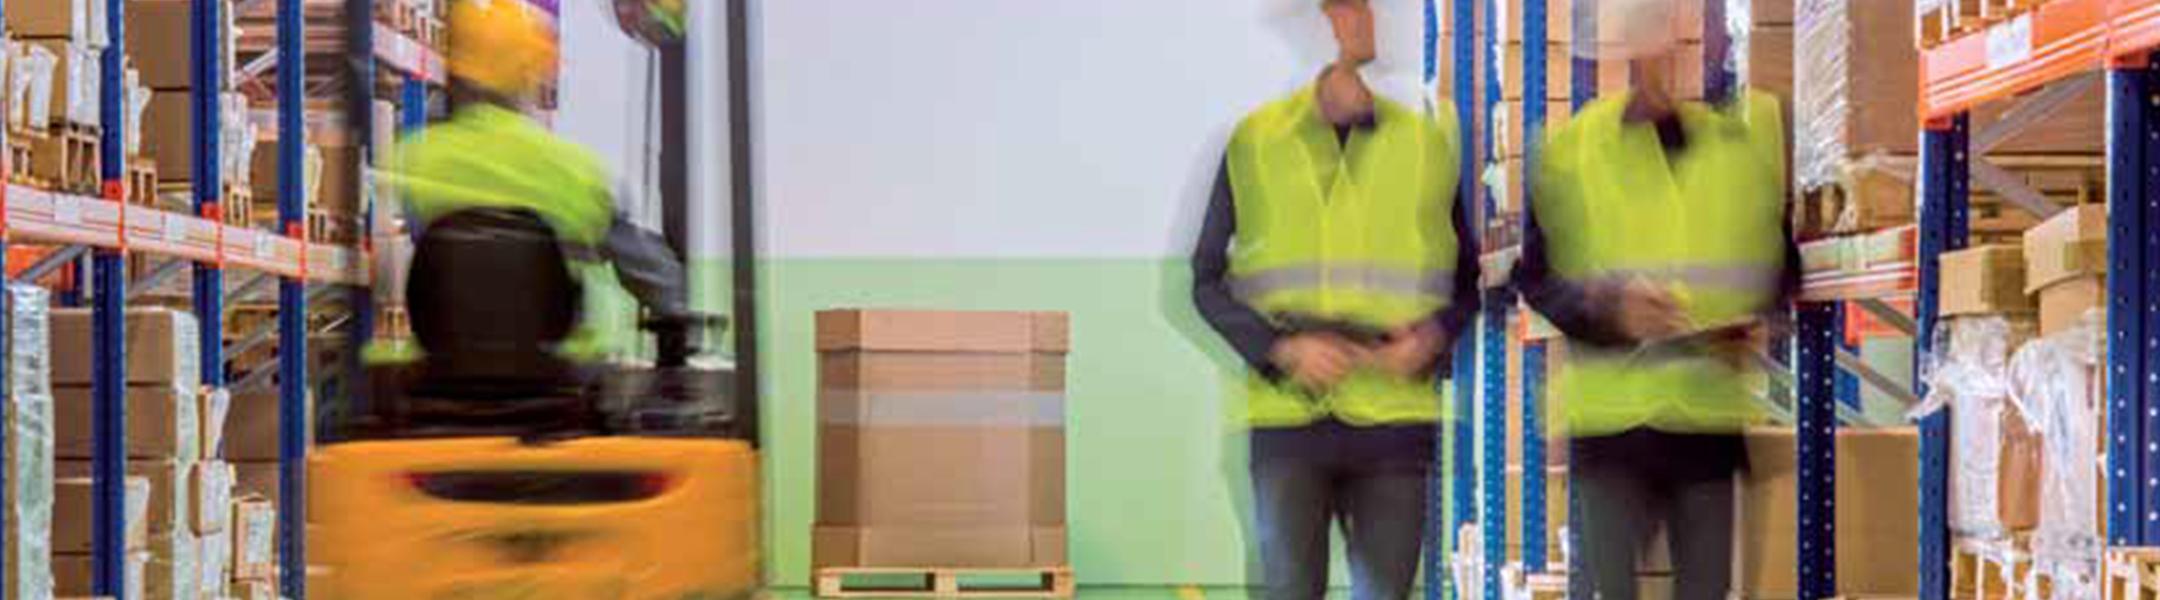 pavimentazioni industria logistica gdo